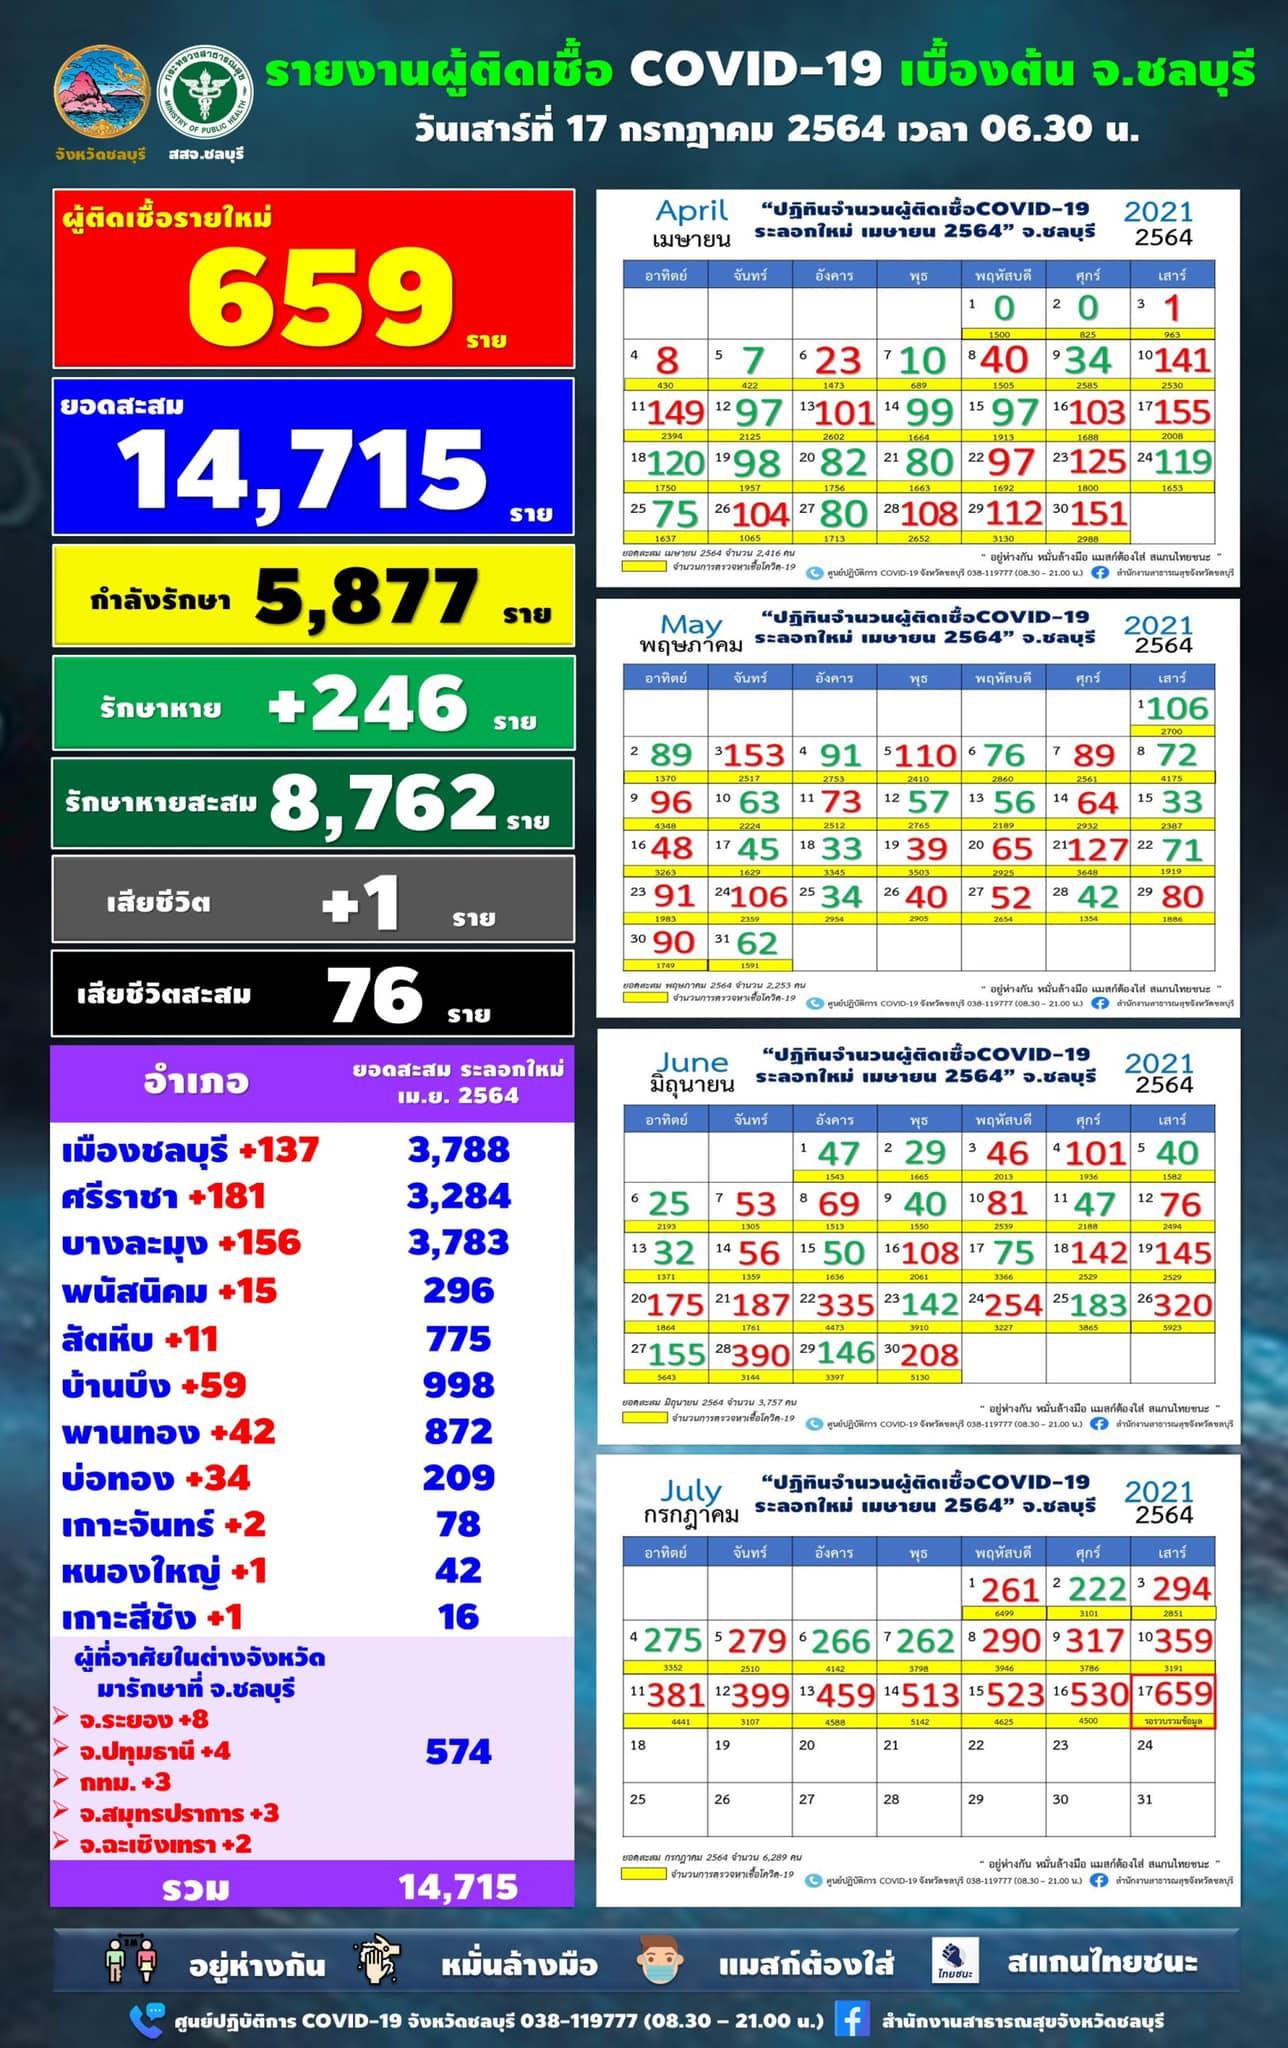 チョンブリ、また最多更新の659人が陽性/シラチャ181人/パタヤ156人[2021年7月17日]